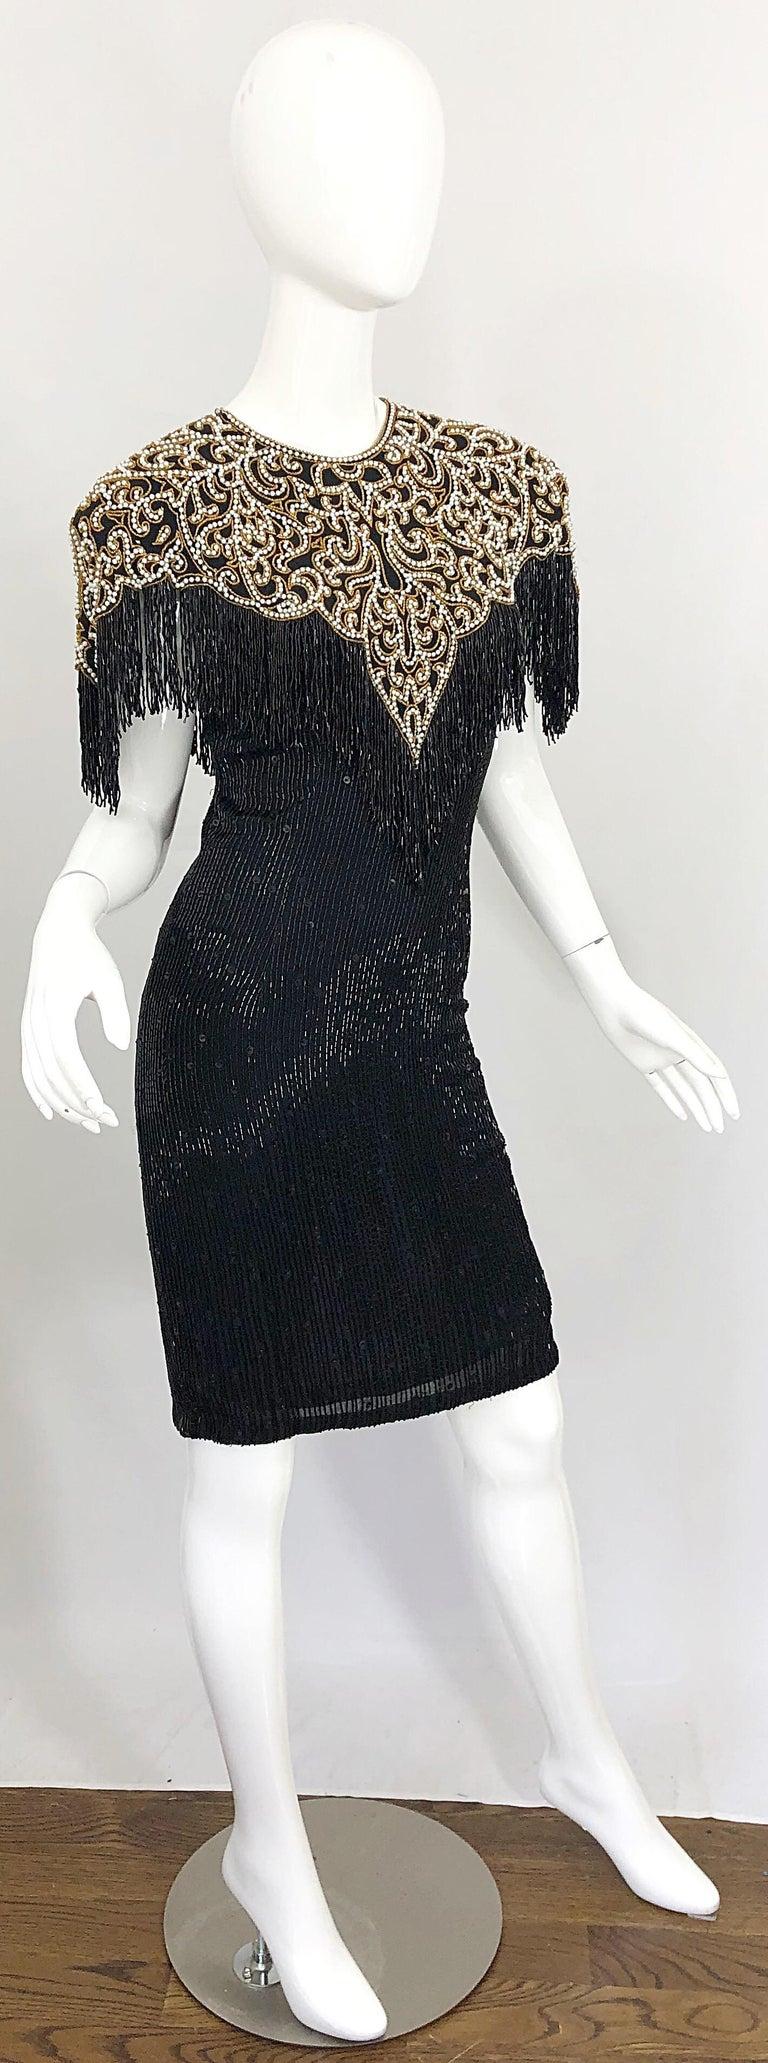 Vintage Naeem Khan Riazee Black Beaded + Pearl Encrusted Fringe Silk Dress For Sale 8